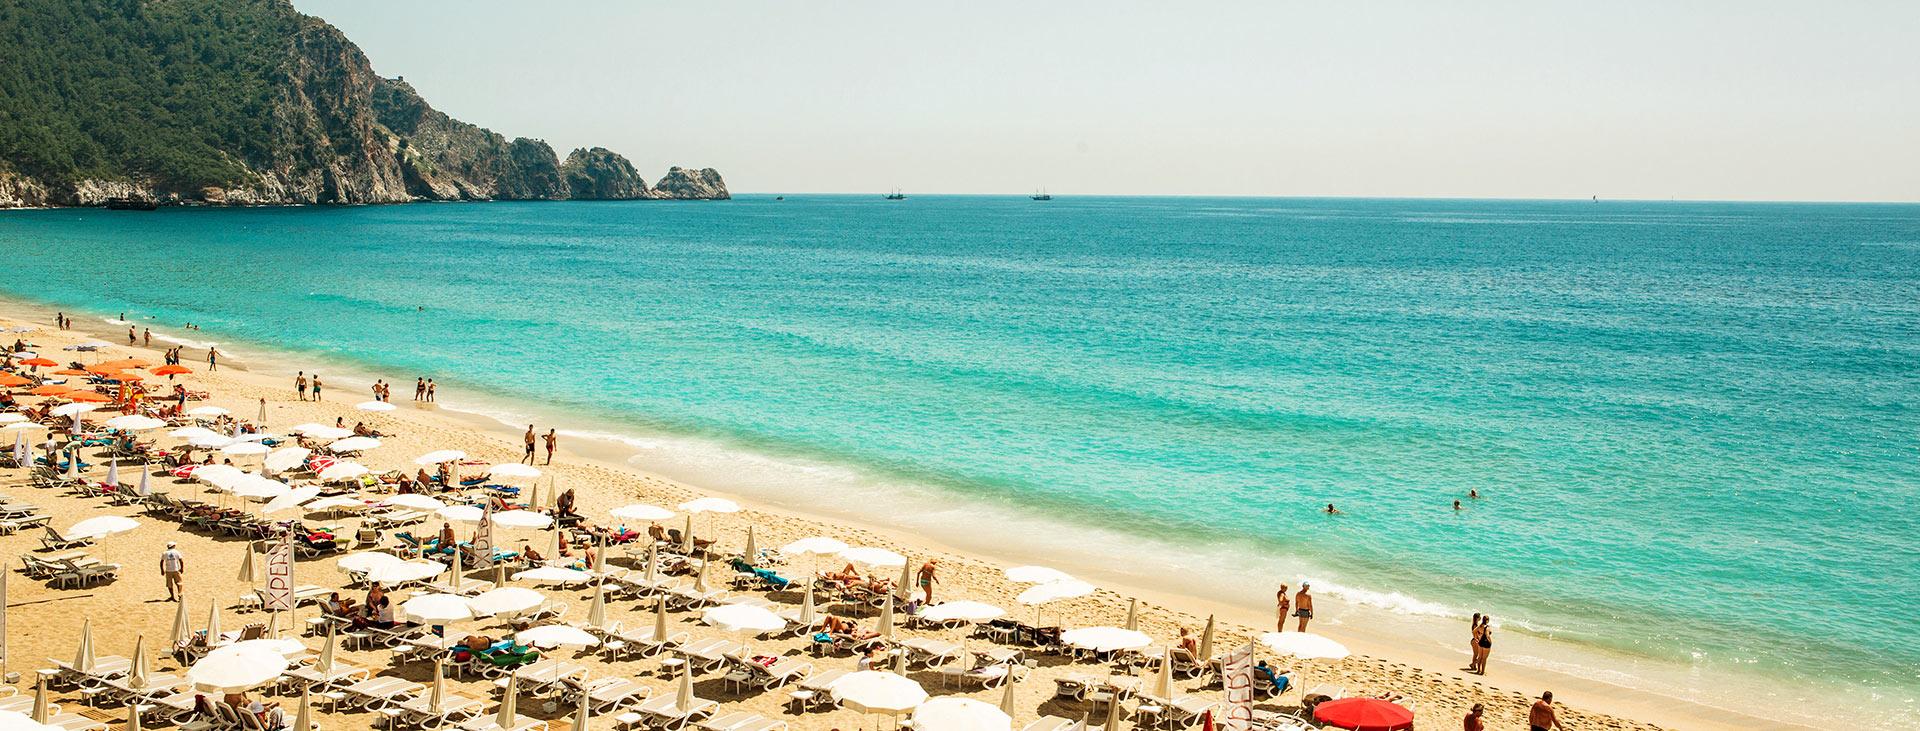 Sunprime Alanya Beach, Alanya, Antalyan alue, Turkki